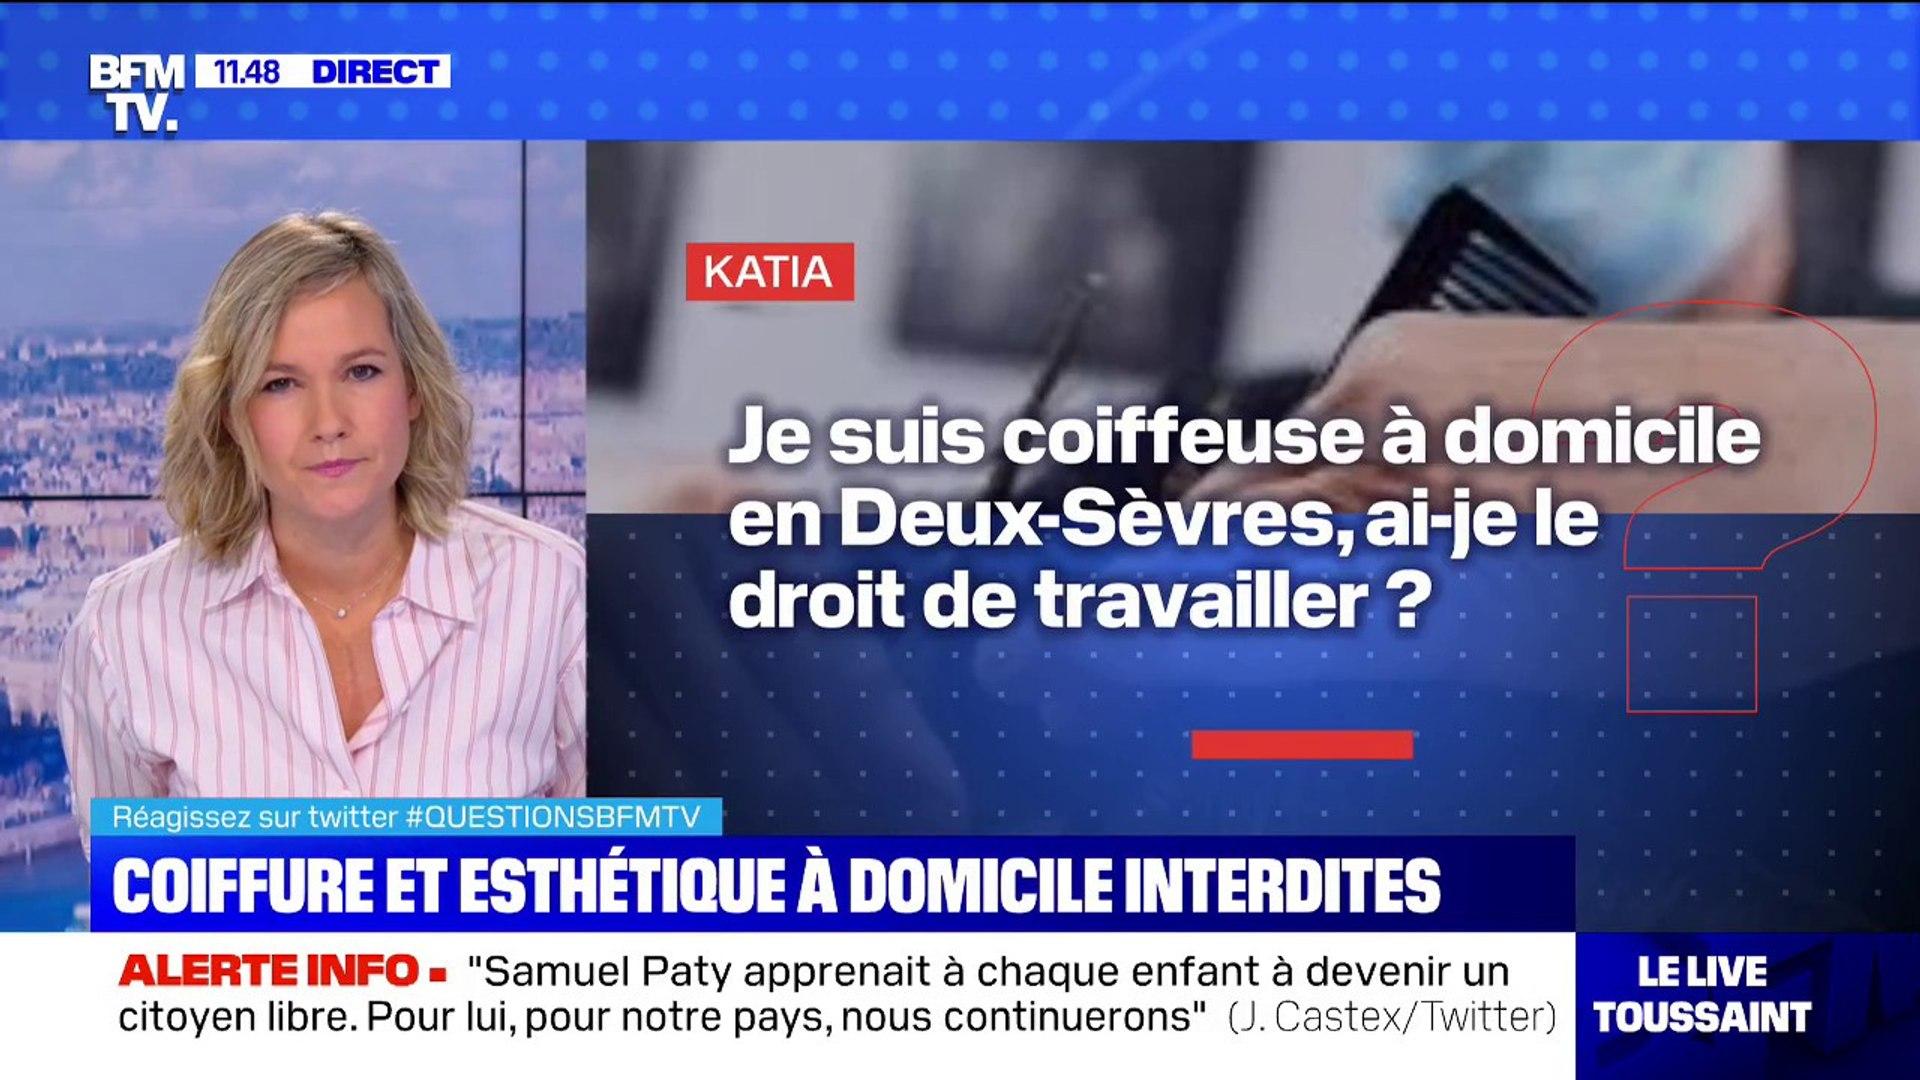 Je suis coiffeuse à domicile en Deux-Sèvres, ai-je le droit de travailler?  BFMTV répond à vos questions